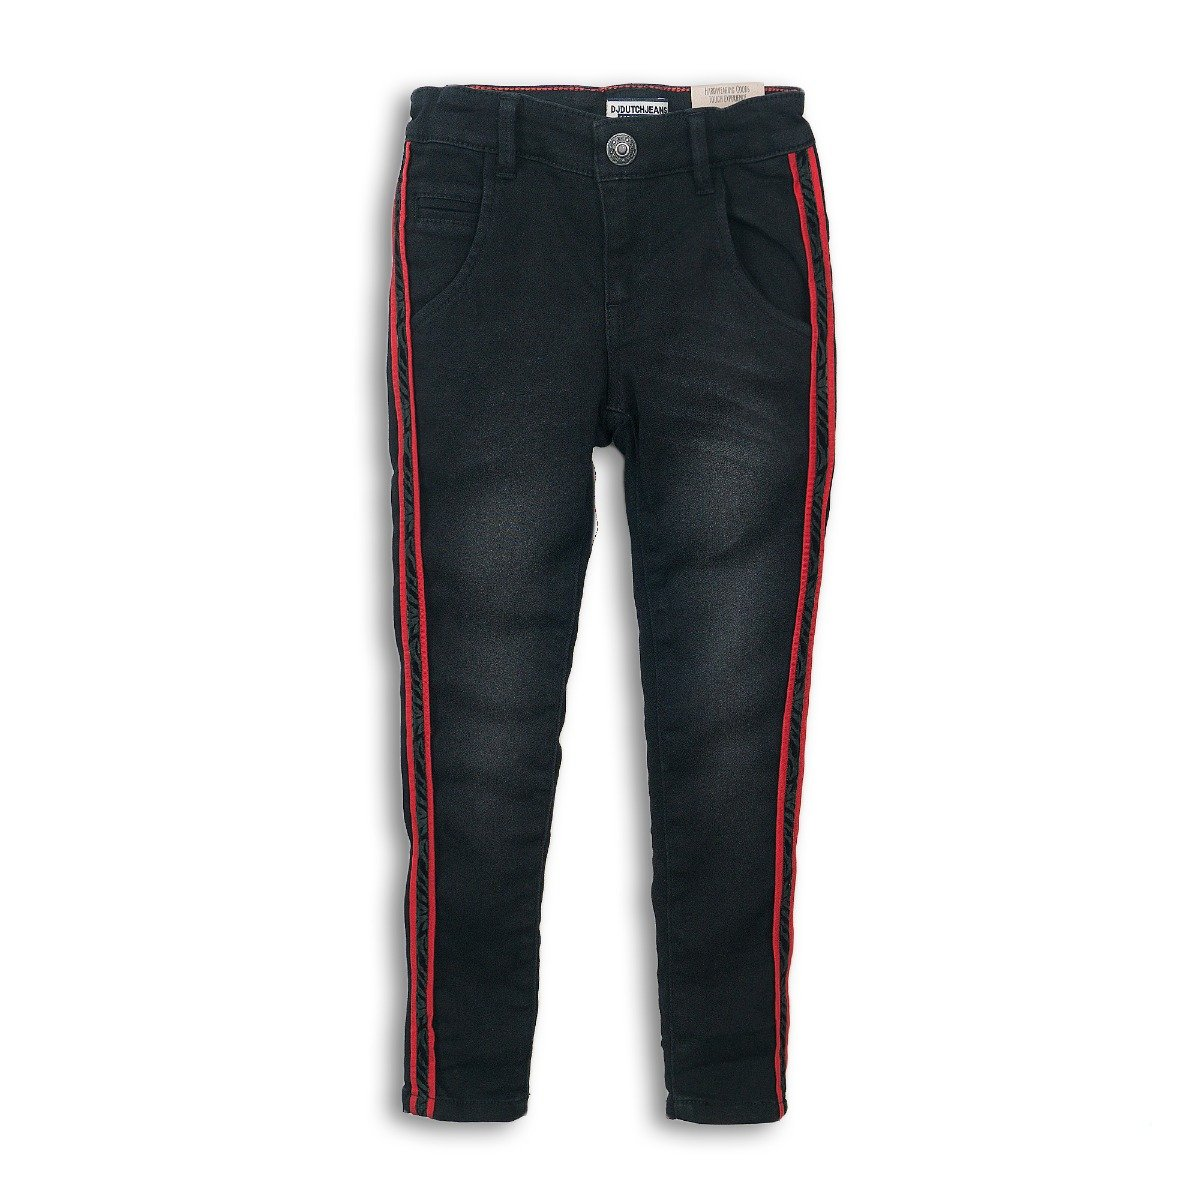 Pantaloni Jeans Denim Elastic Enjoy Dj Dutchjeans